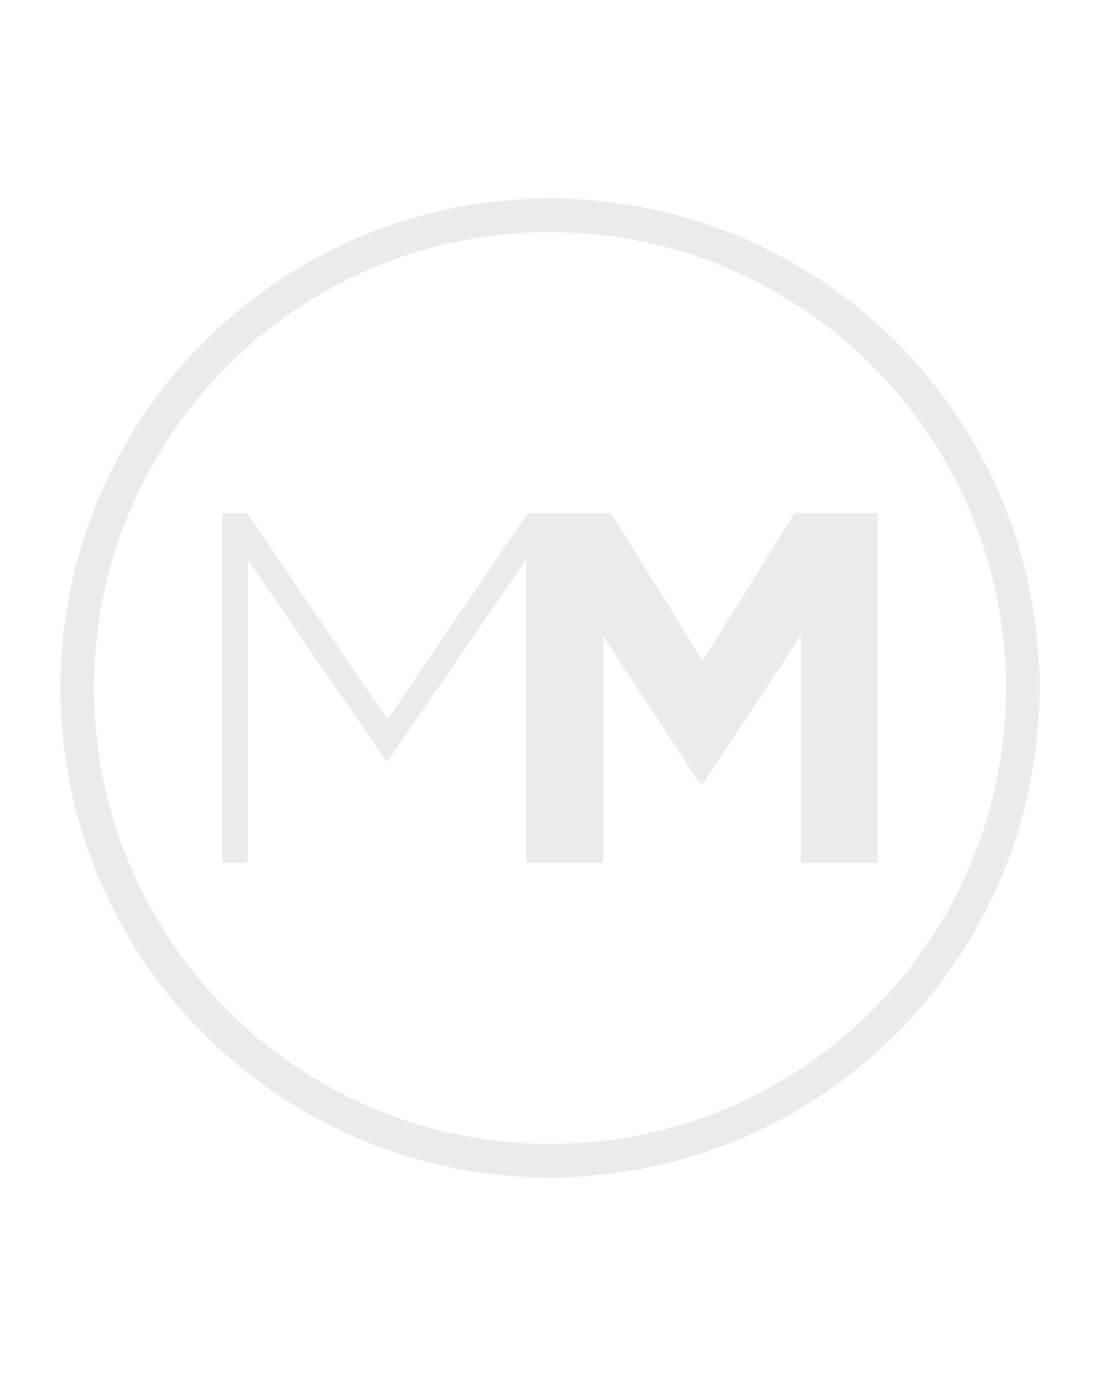 Kocca Pinerr vest blauw